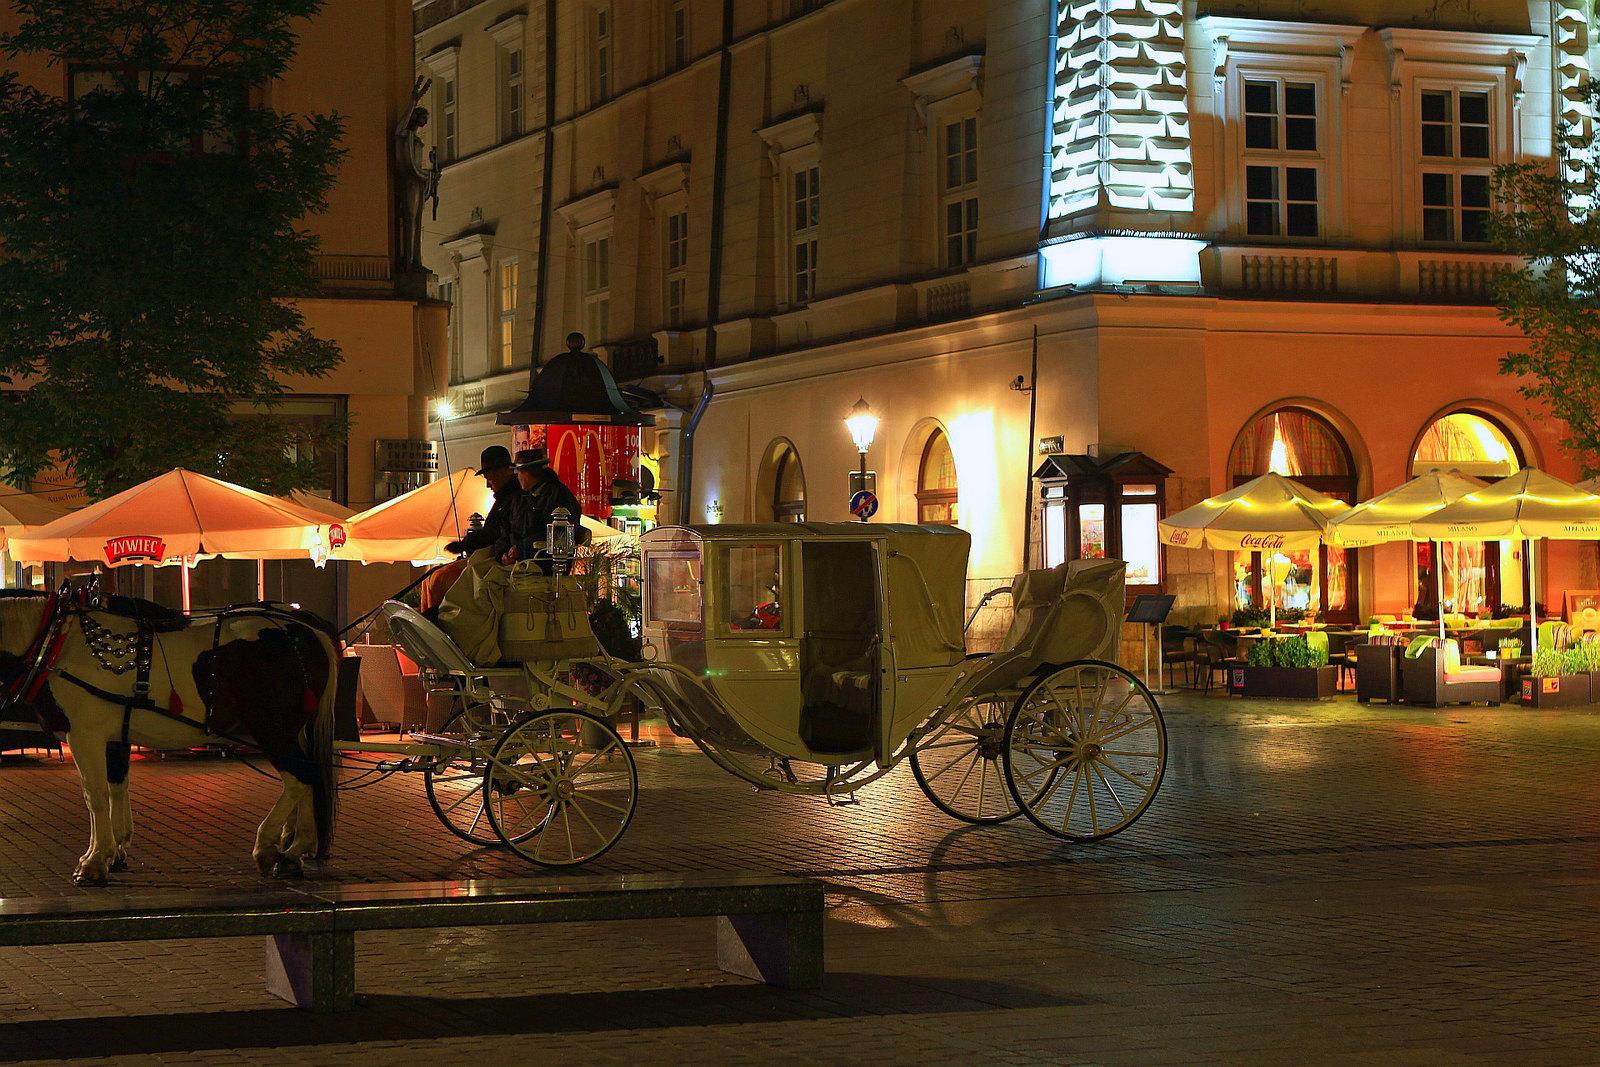 Qué ver en Cracovia, Krakow, Polonia, Poland qué ver en cracovia - 38652461850 b6c1dac615 h - Qué ver en Cracovia, Polonia